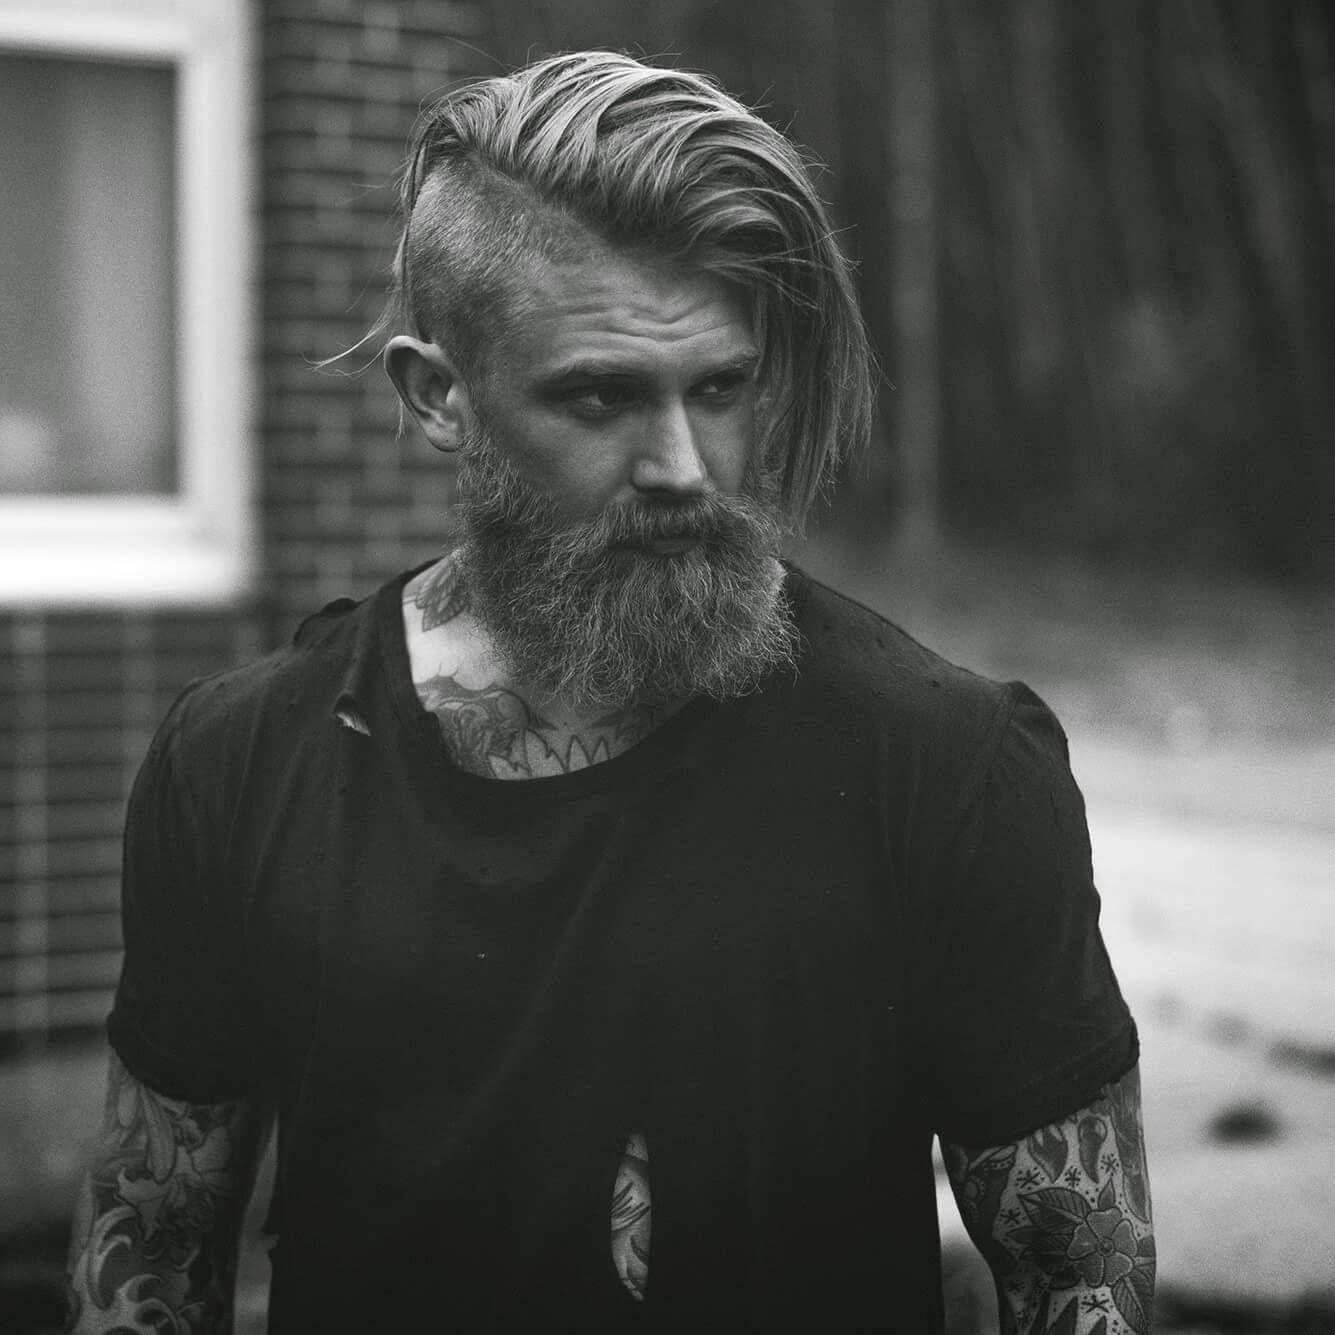 Josh Mario John Mens Hairstyles With Beard Beard Haircut Undercut With Beard